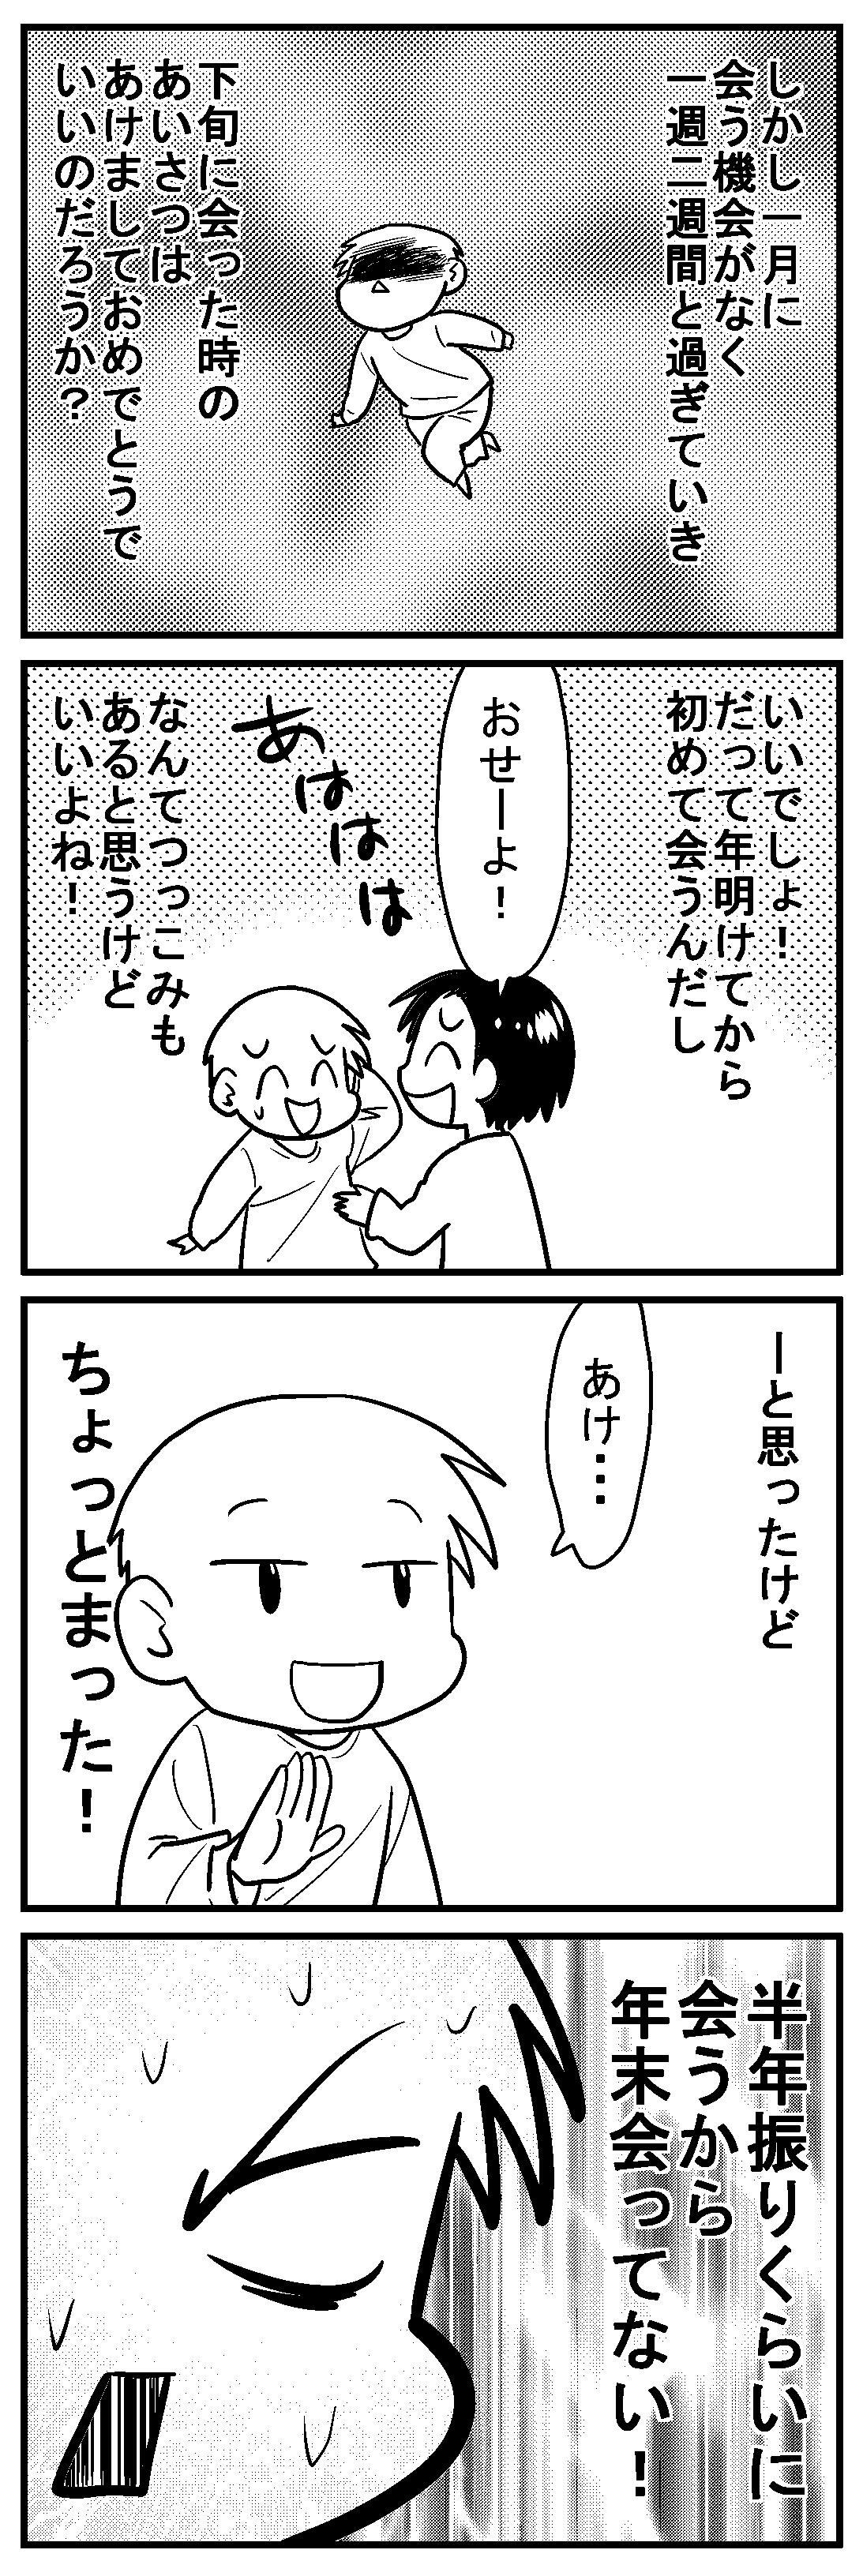 深読みくん38 3